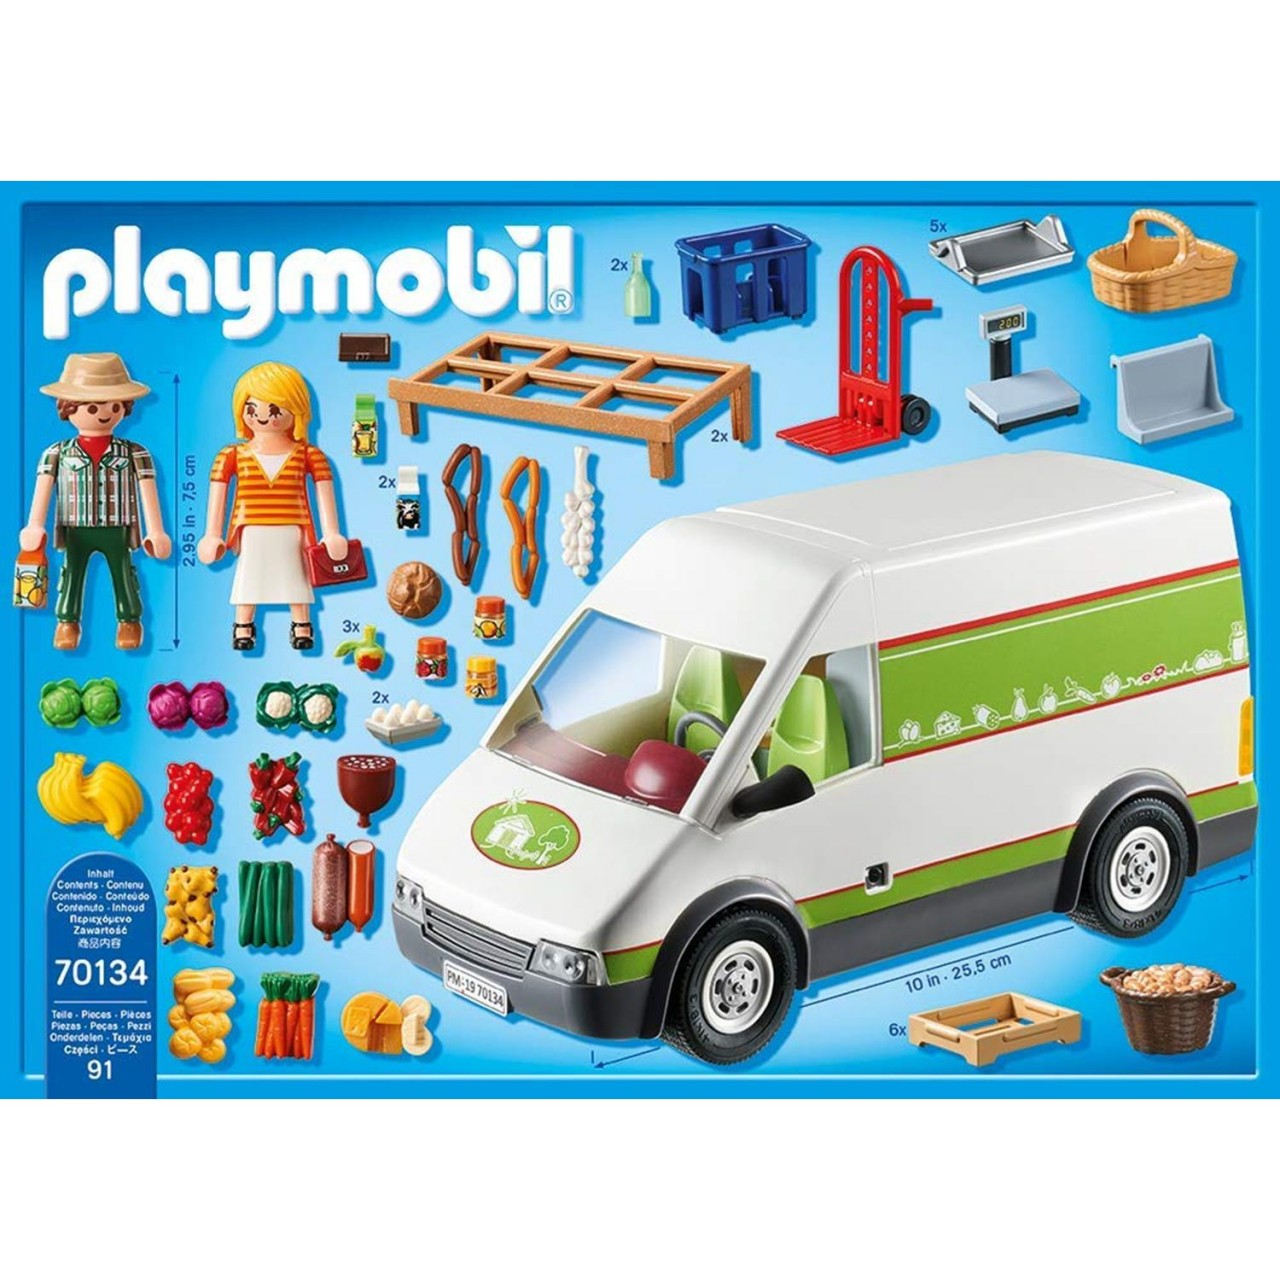 Playmobil 70134 Hofladen-Fahrzeug